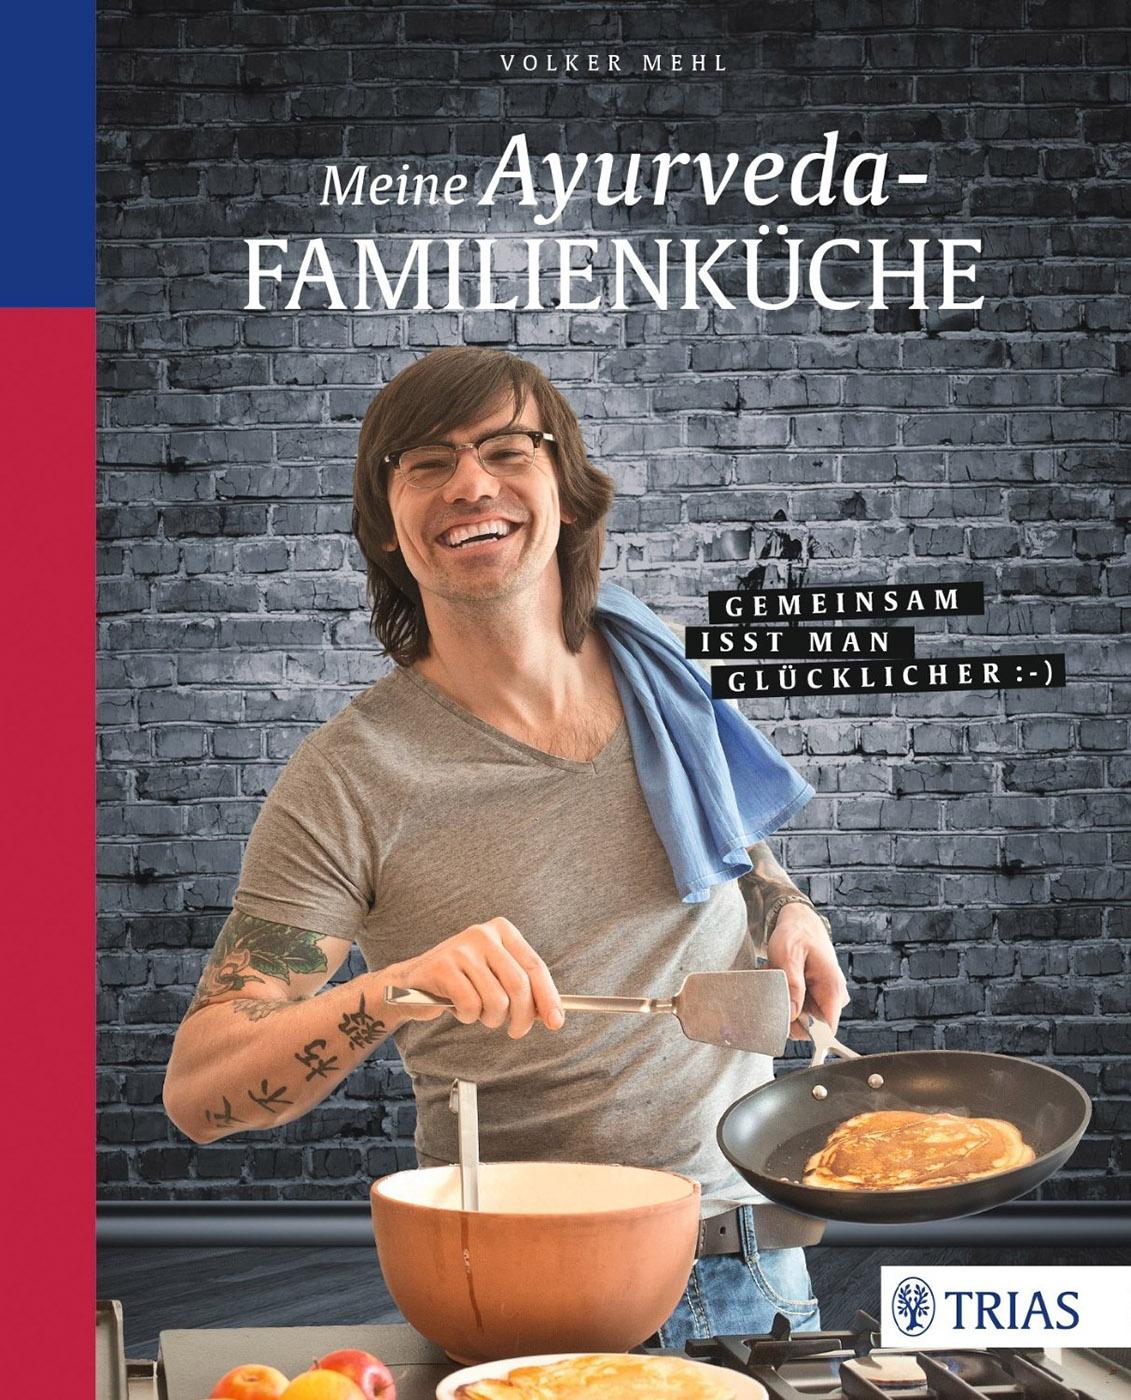 Meine Ayurveda-Familienküche von Volker Mehl